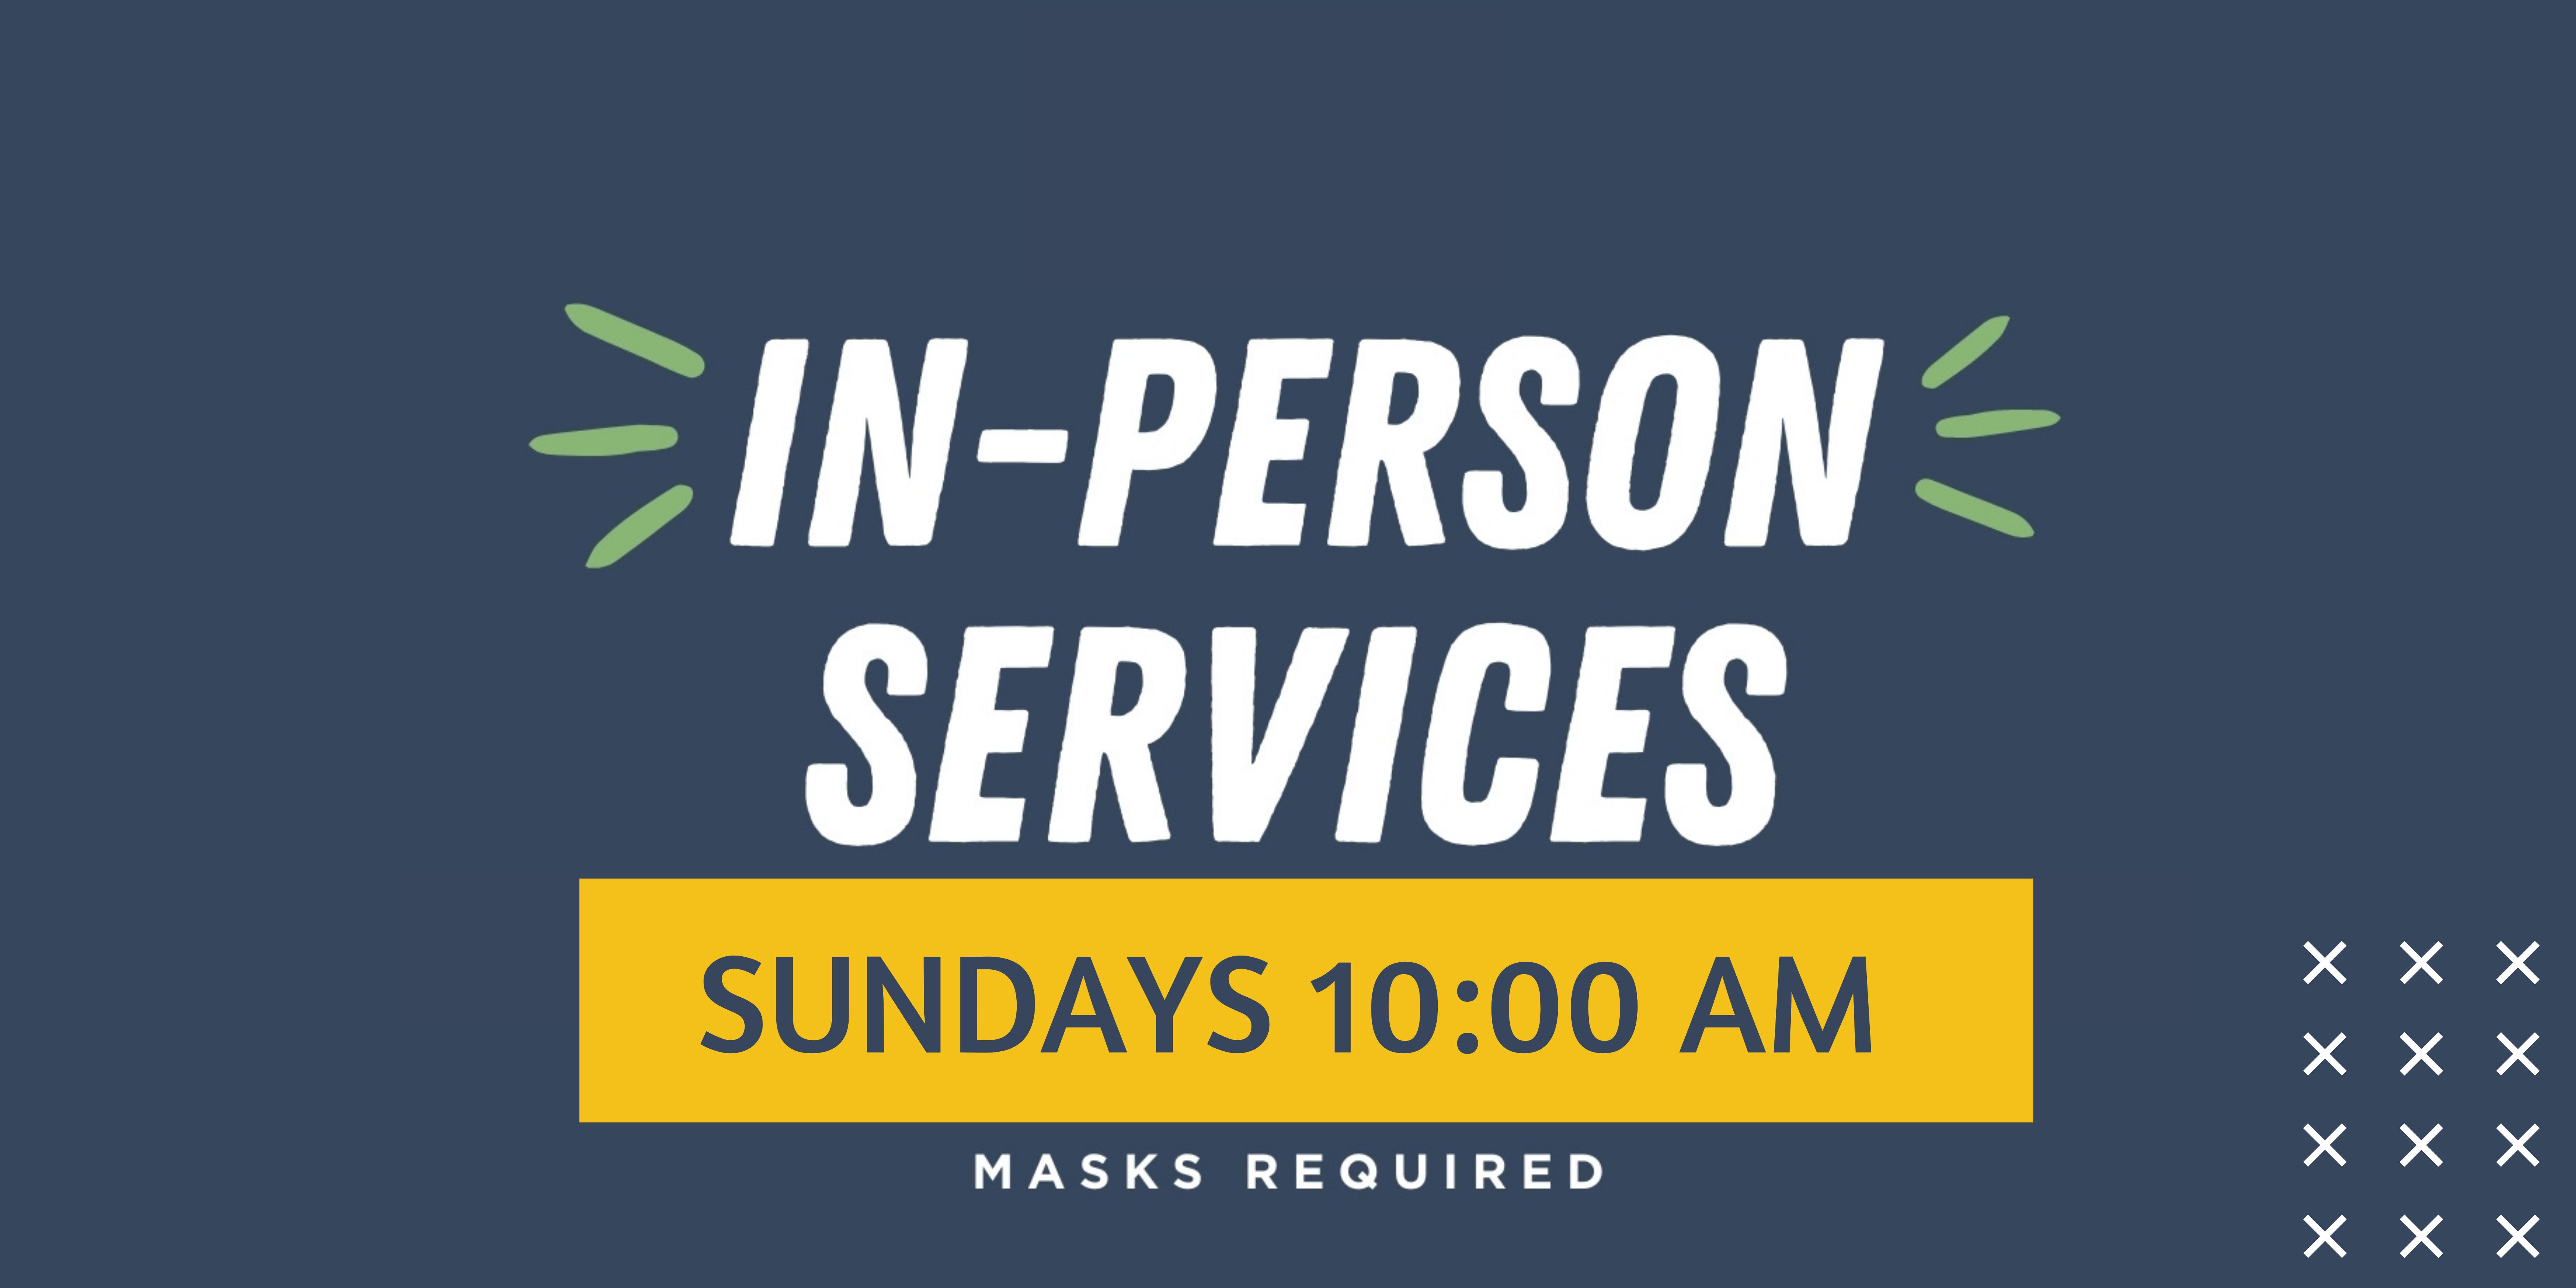 IN PERSON SERVICE